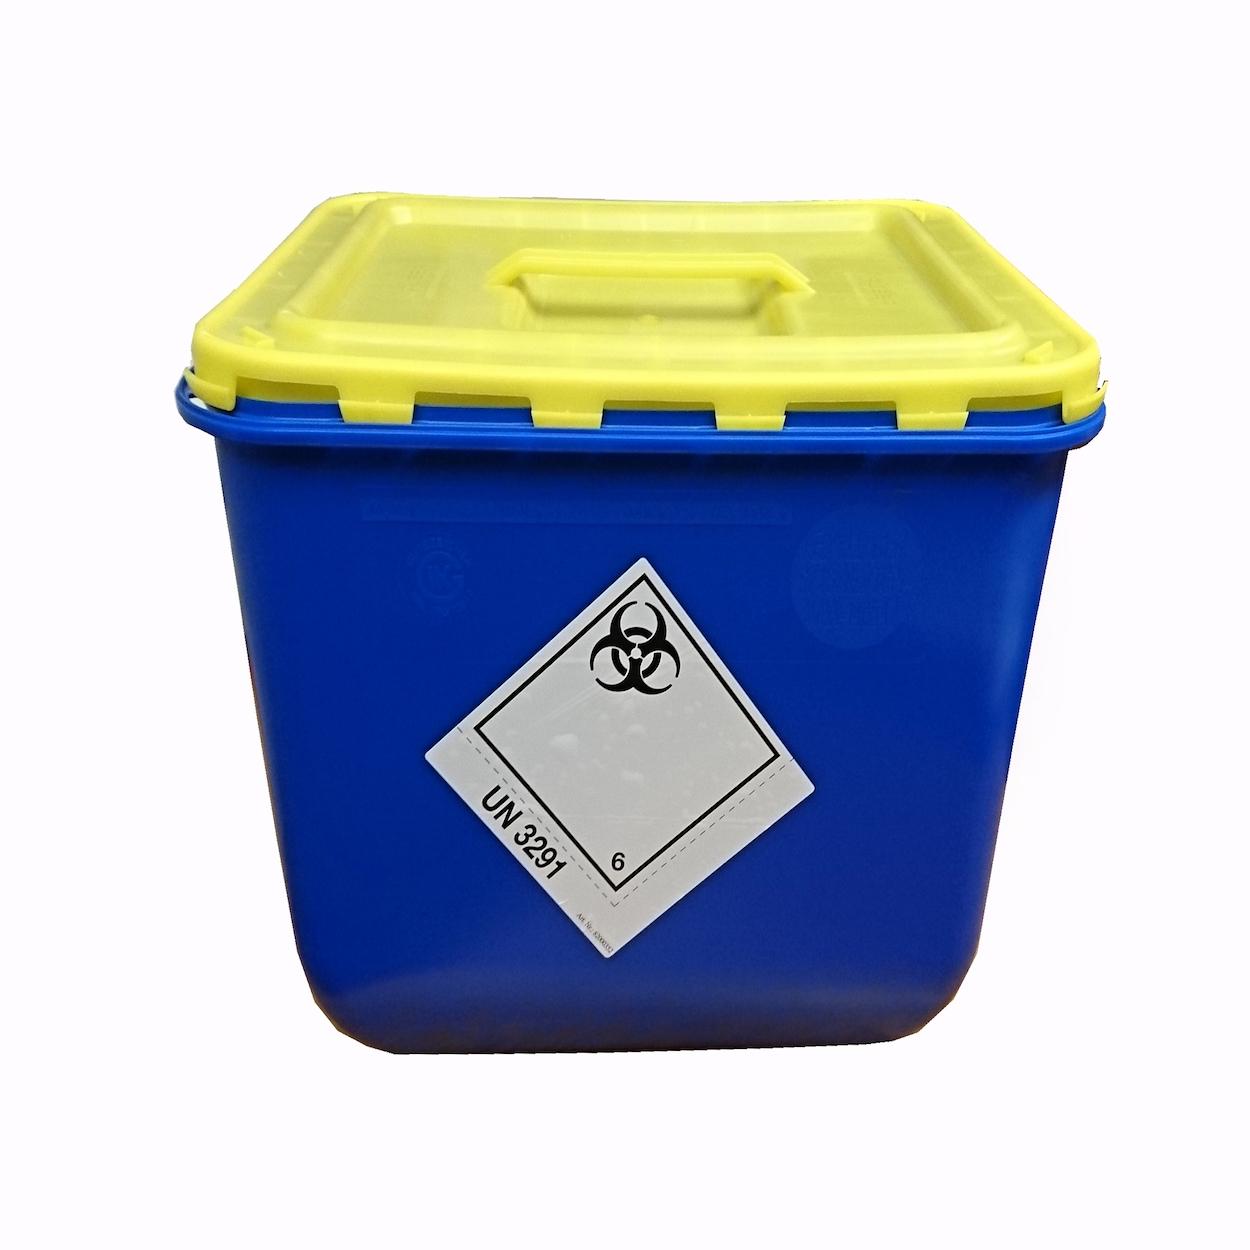 Box s víkem s úchopem na sběr biologického odpadu - 30 l